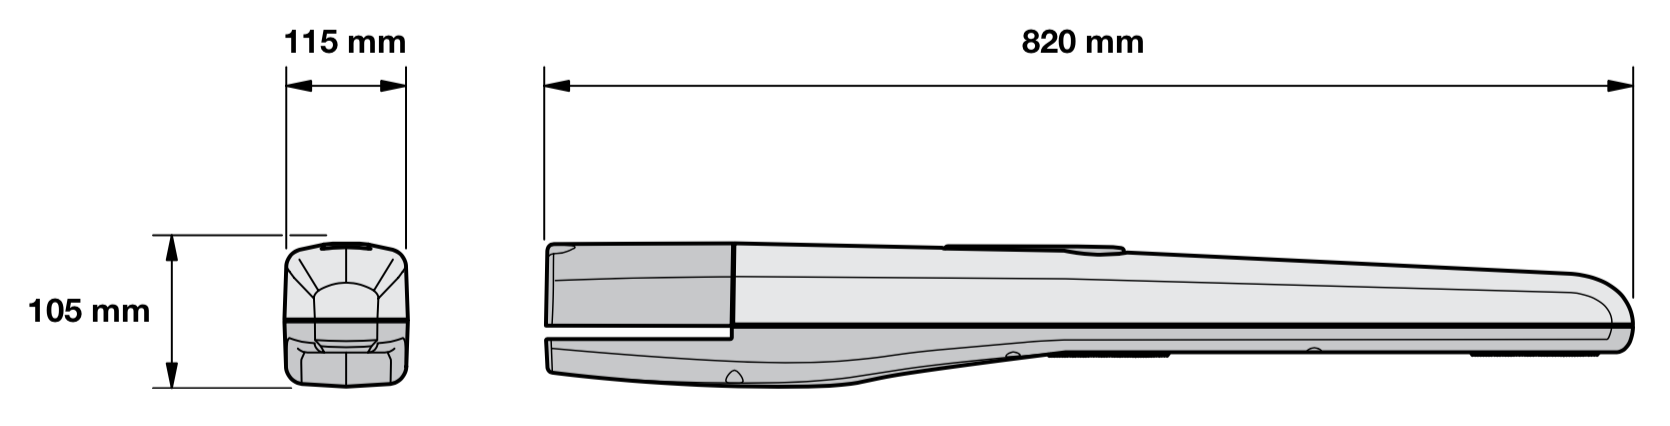 NICE Toona 4024 základné rozmery